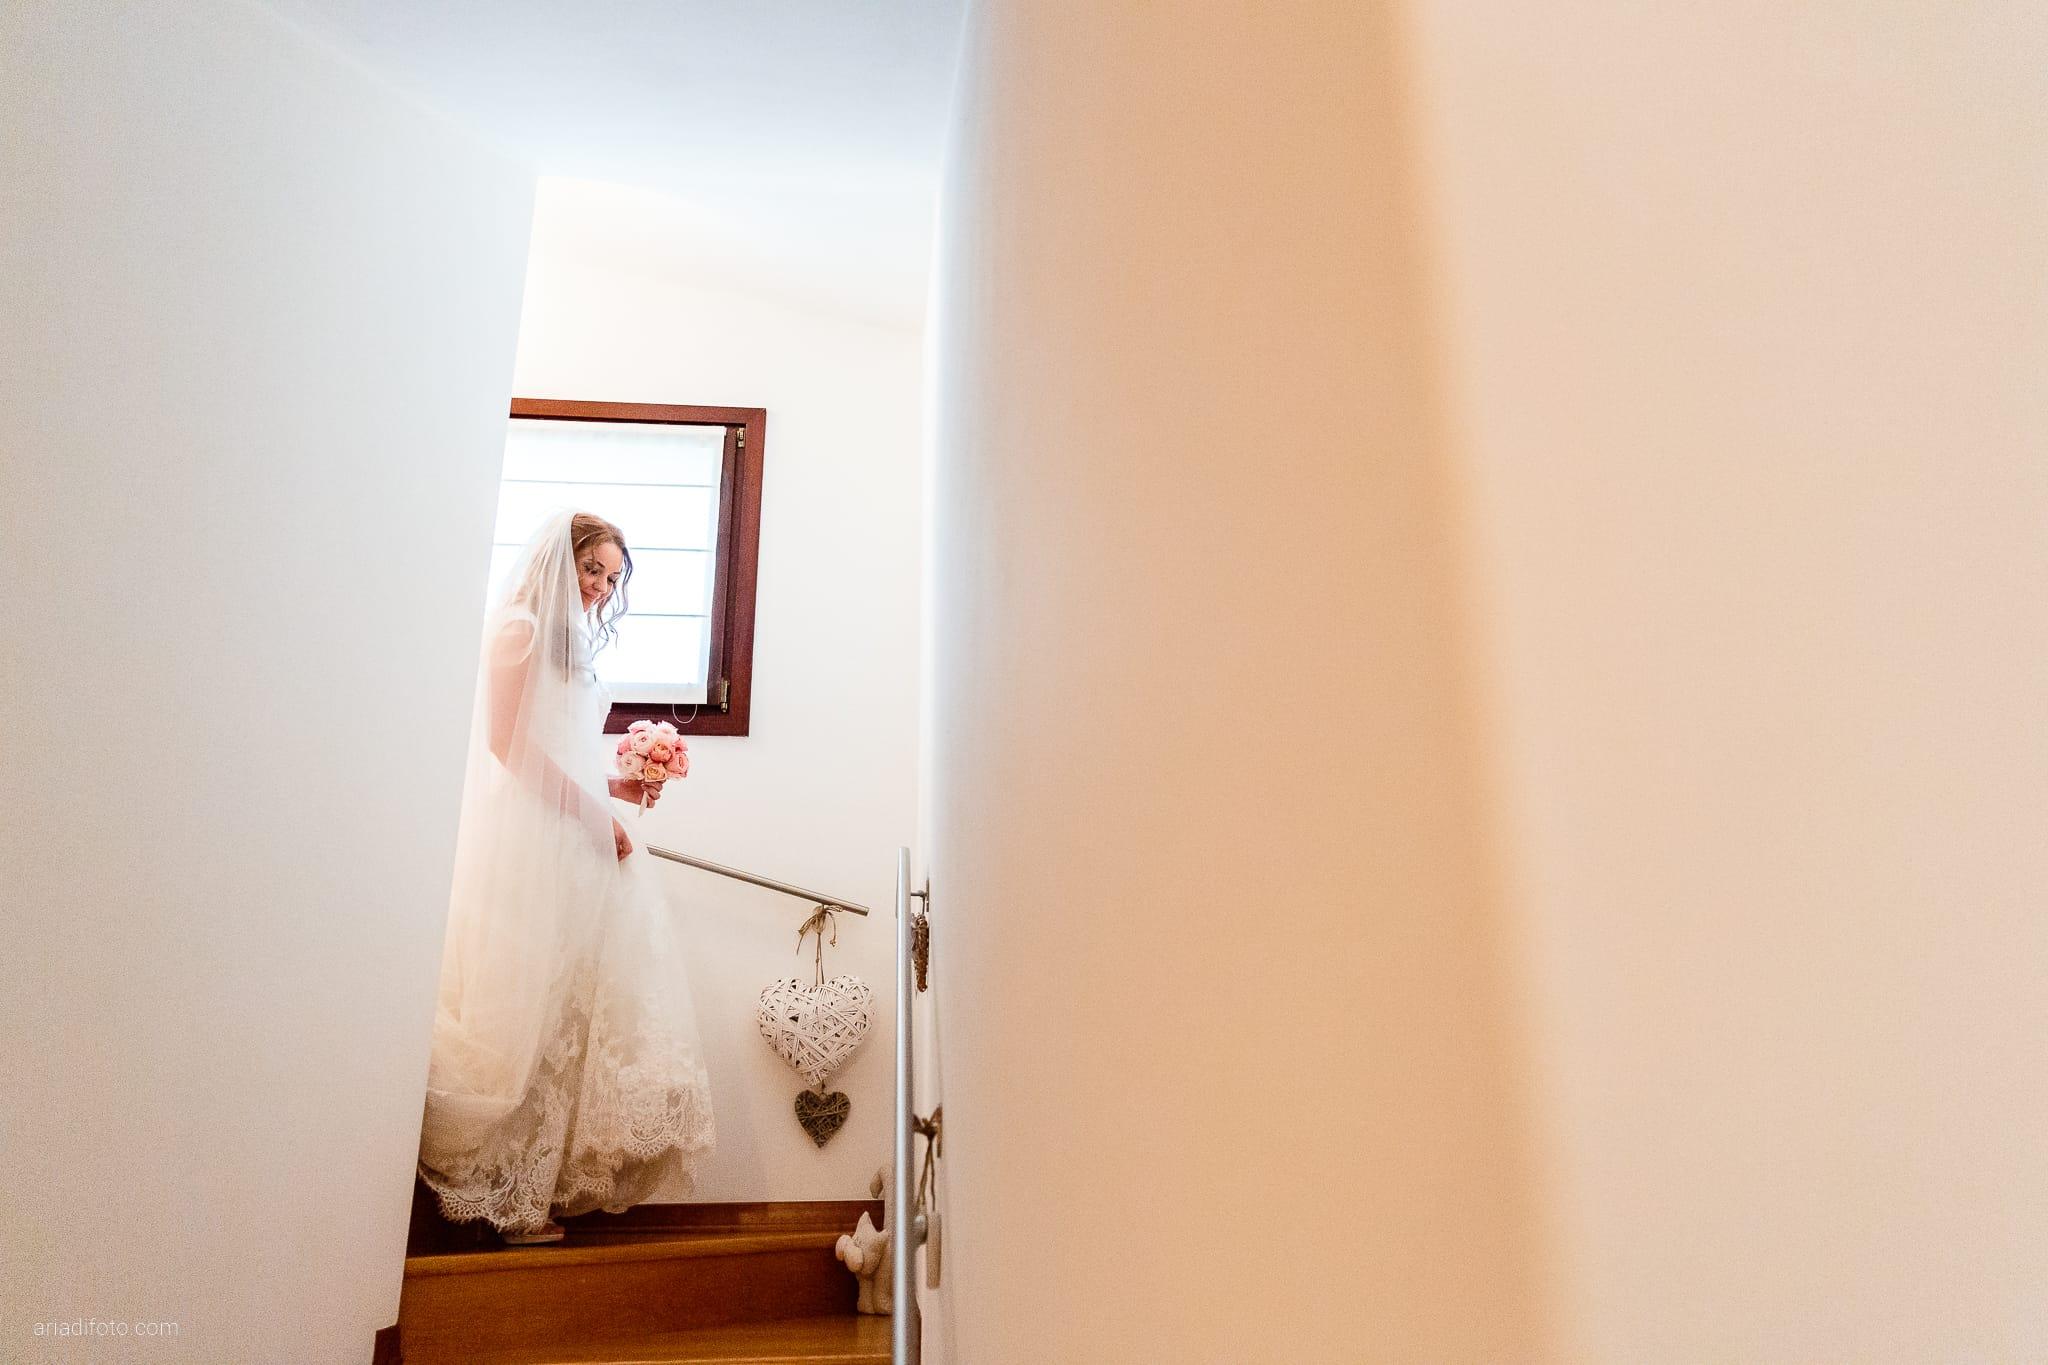 Valentina Francesco Matrimonio Pagnacco Castello Villalta Fagagna Udine preparativi scale sposa